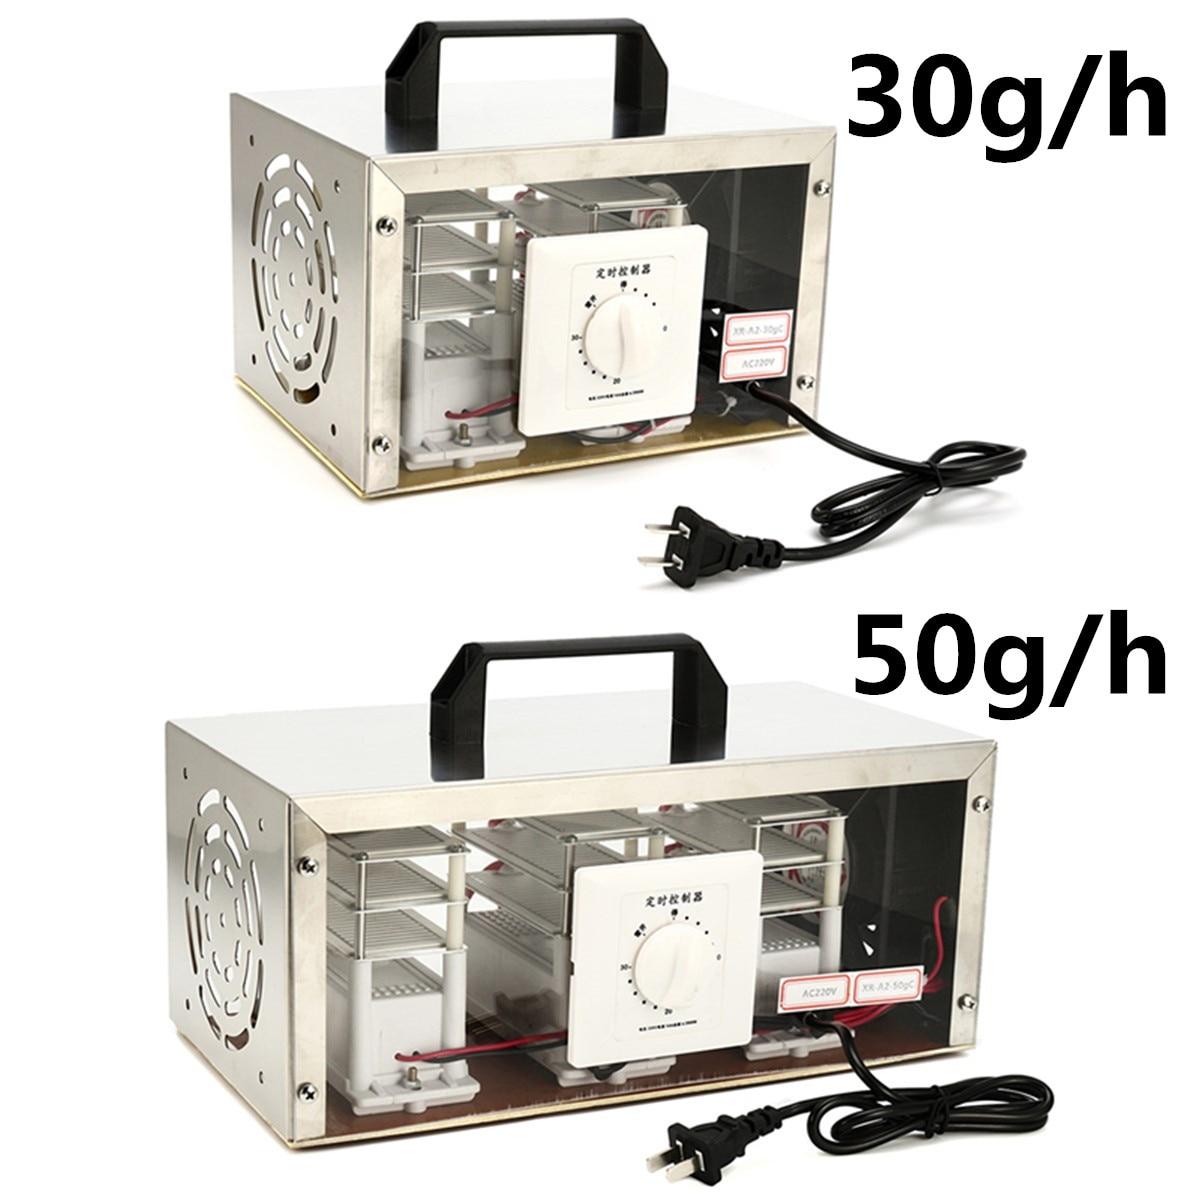 30 g/h 50 g/h 220 V Aria Generatore di Ozono Purificatore D'aria Ozonizzatore Sterilizzatore Portatile Ozonizzatore Cleaner Sterilizzatore con Interruttore di Temporizzazione